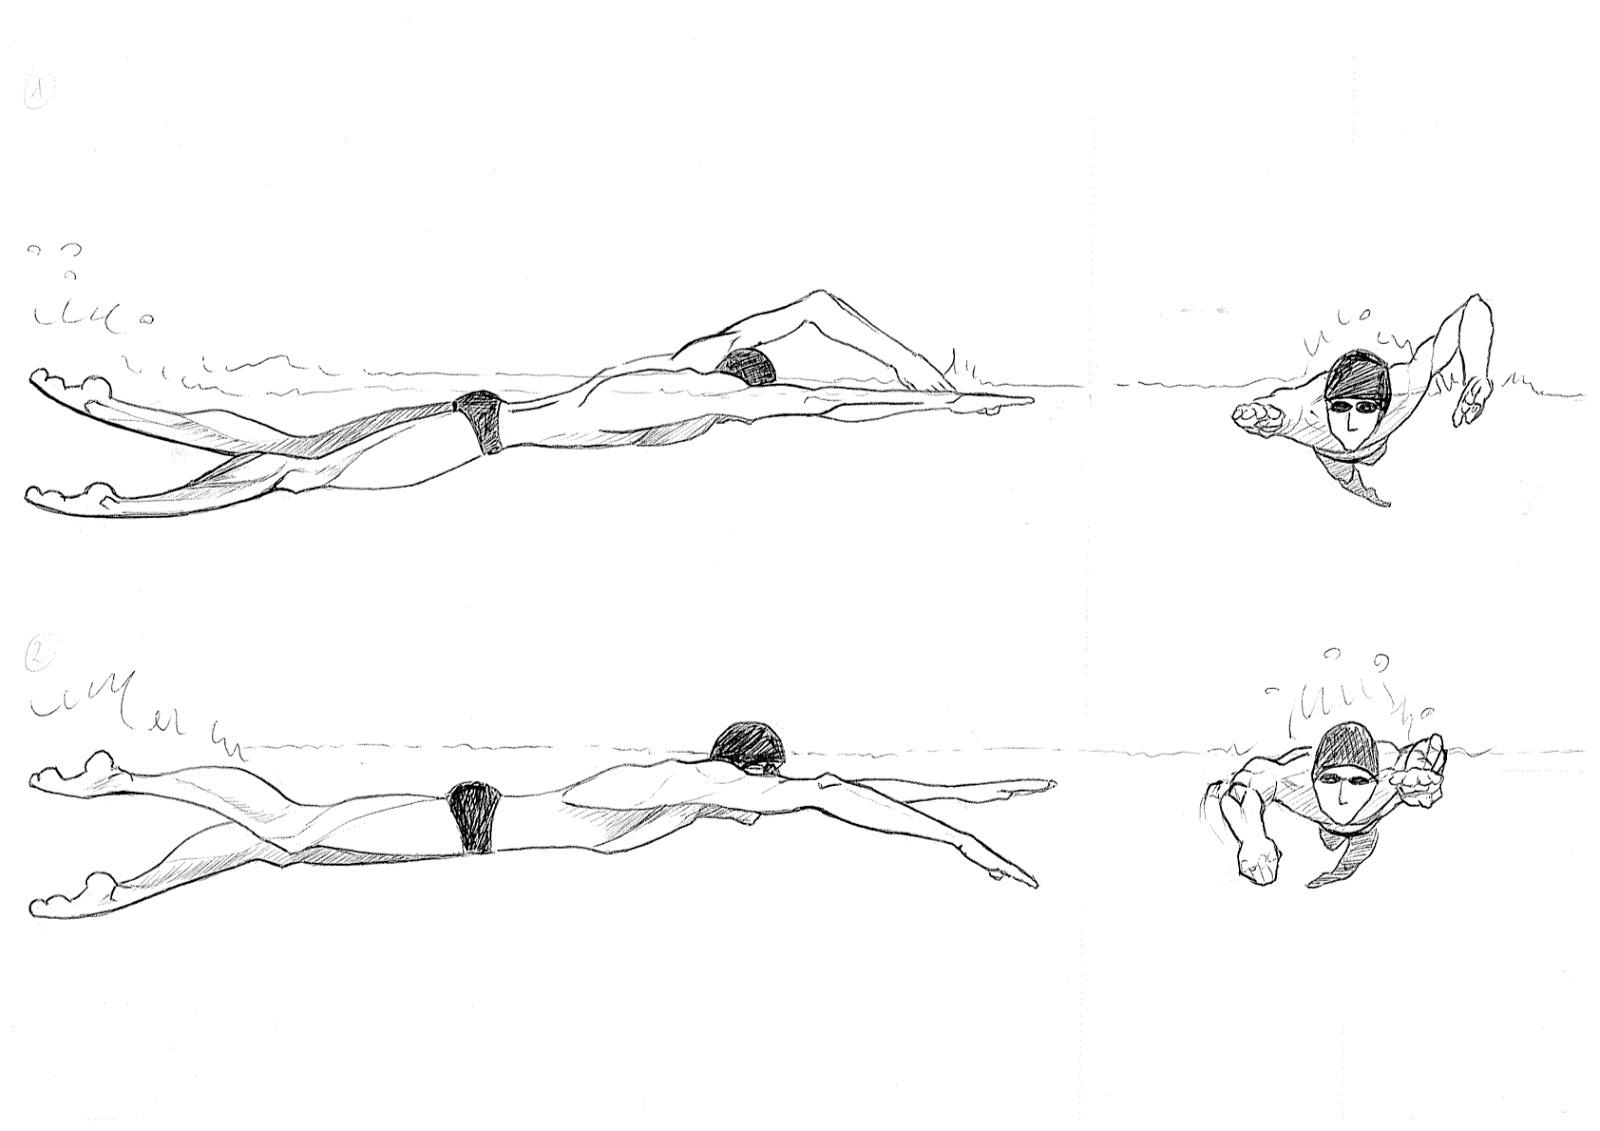 Movimientos involuntarios de la cara y el brazo